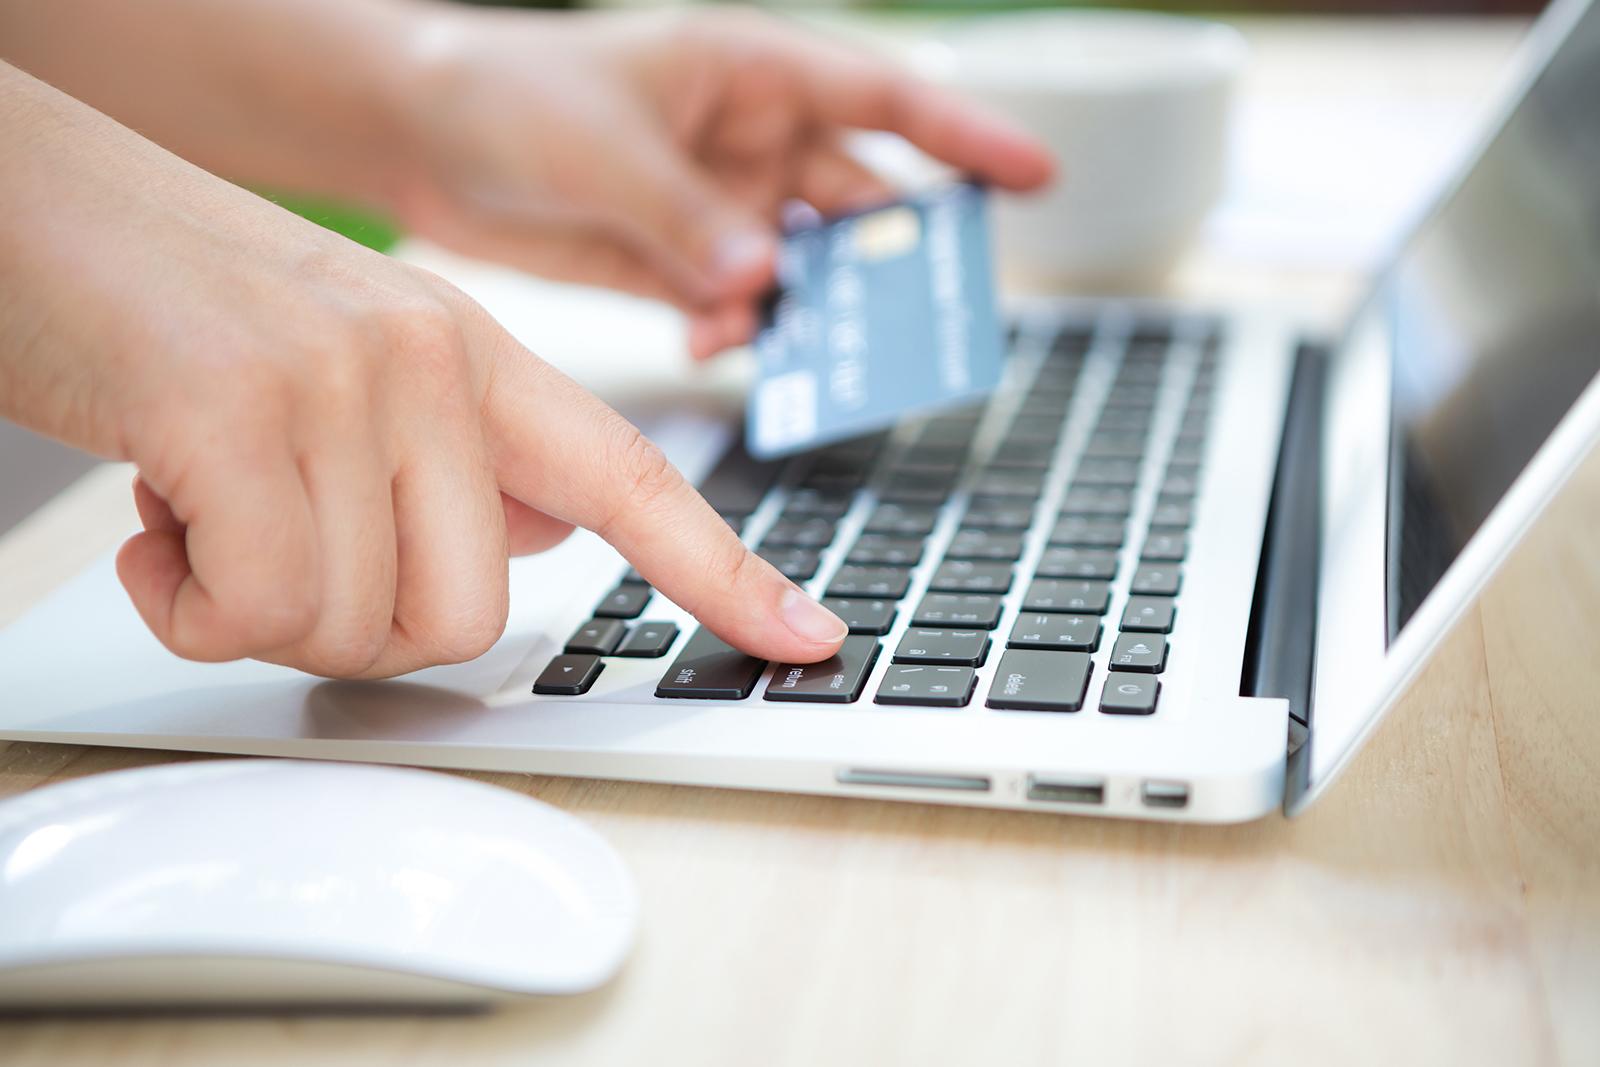 docthue.com - Cách thức rao bán bán hàng online qua internet